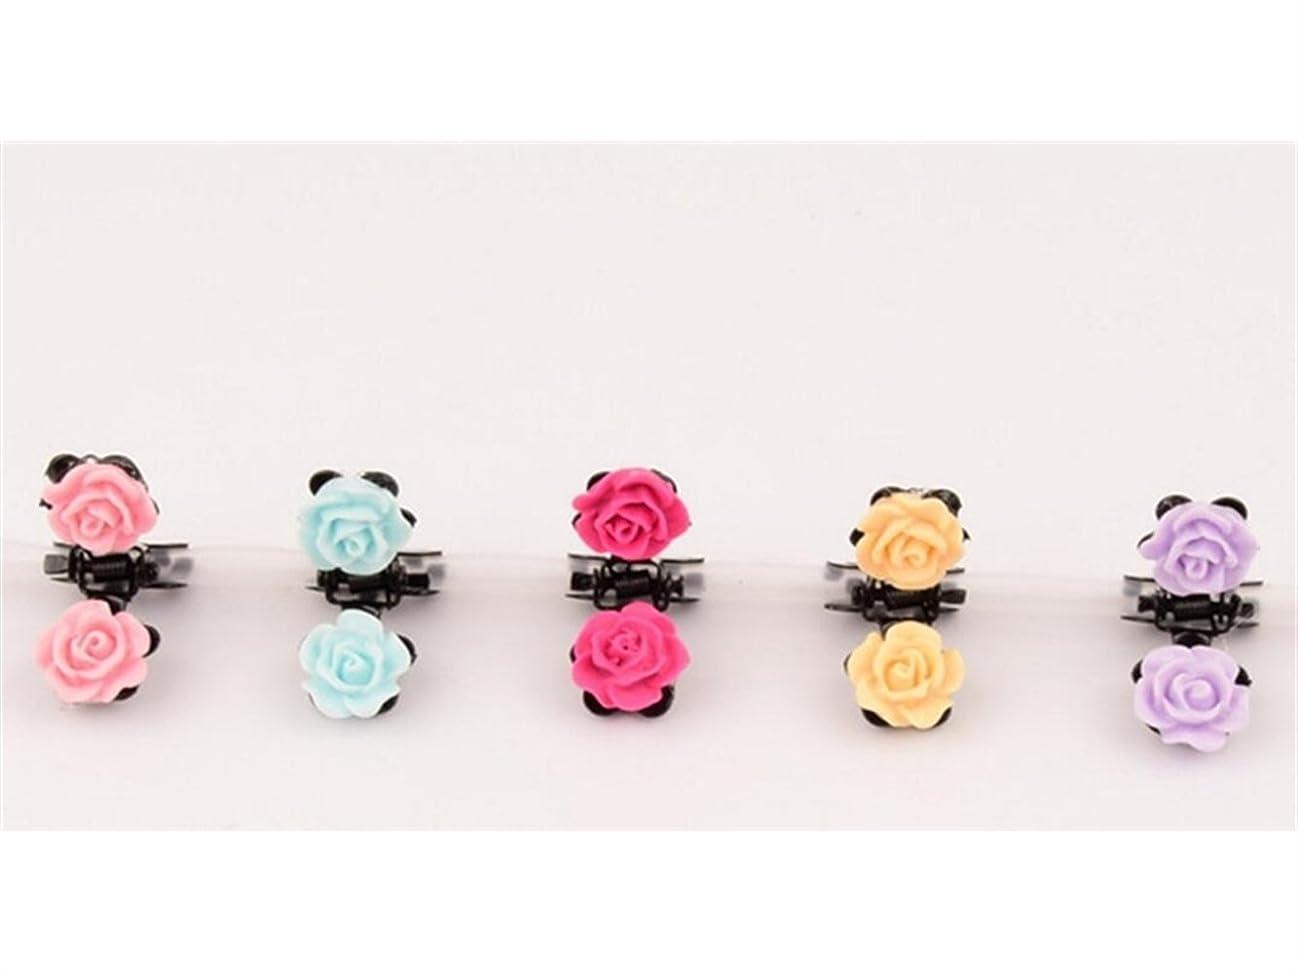 サークル突撃見物人Osize 美しいスタイル 子供の小さな花の漫画小さなクリップミニヘアクリップヘアアクセサリー(ローズ)